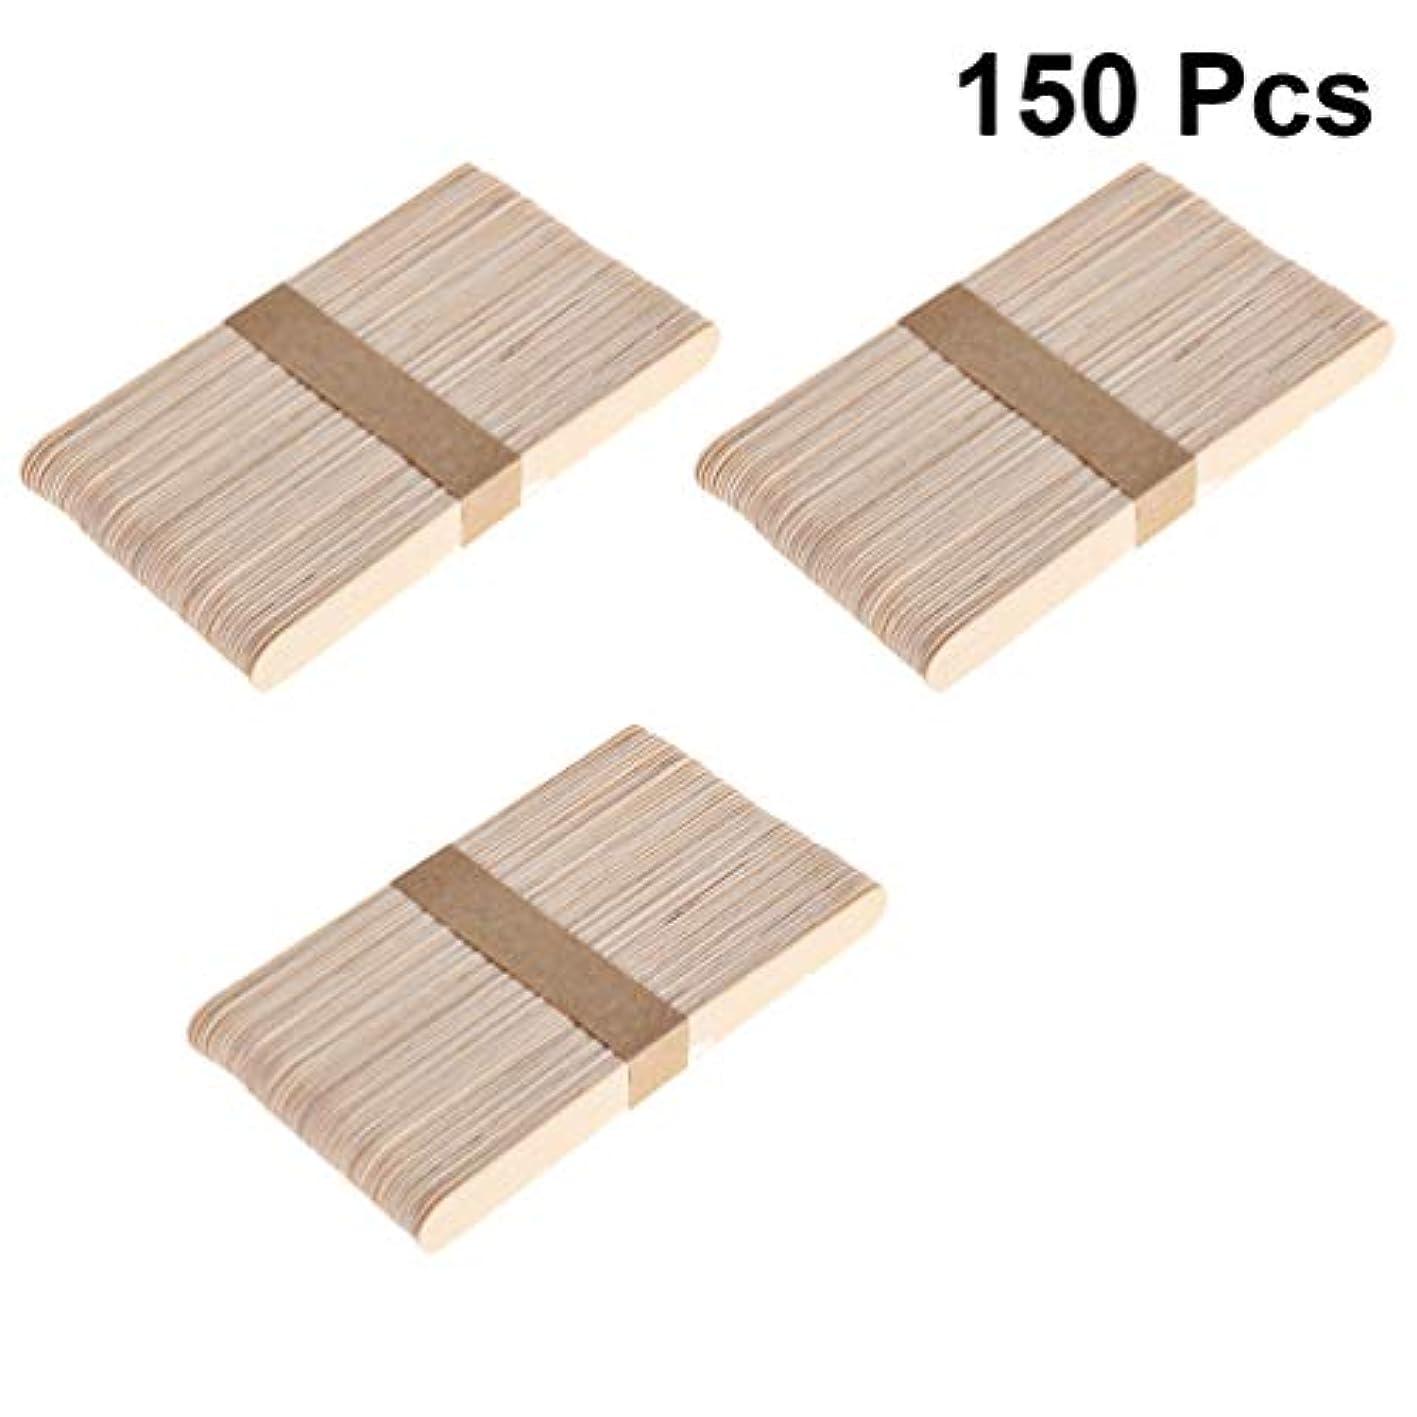 数学供給ウガンダHealifty 天然木材クラフトスティックアイスキャンディーロリポップアイスクリームスティックグレートポップトリートスティック用diyクラフト150ピース